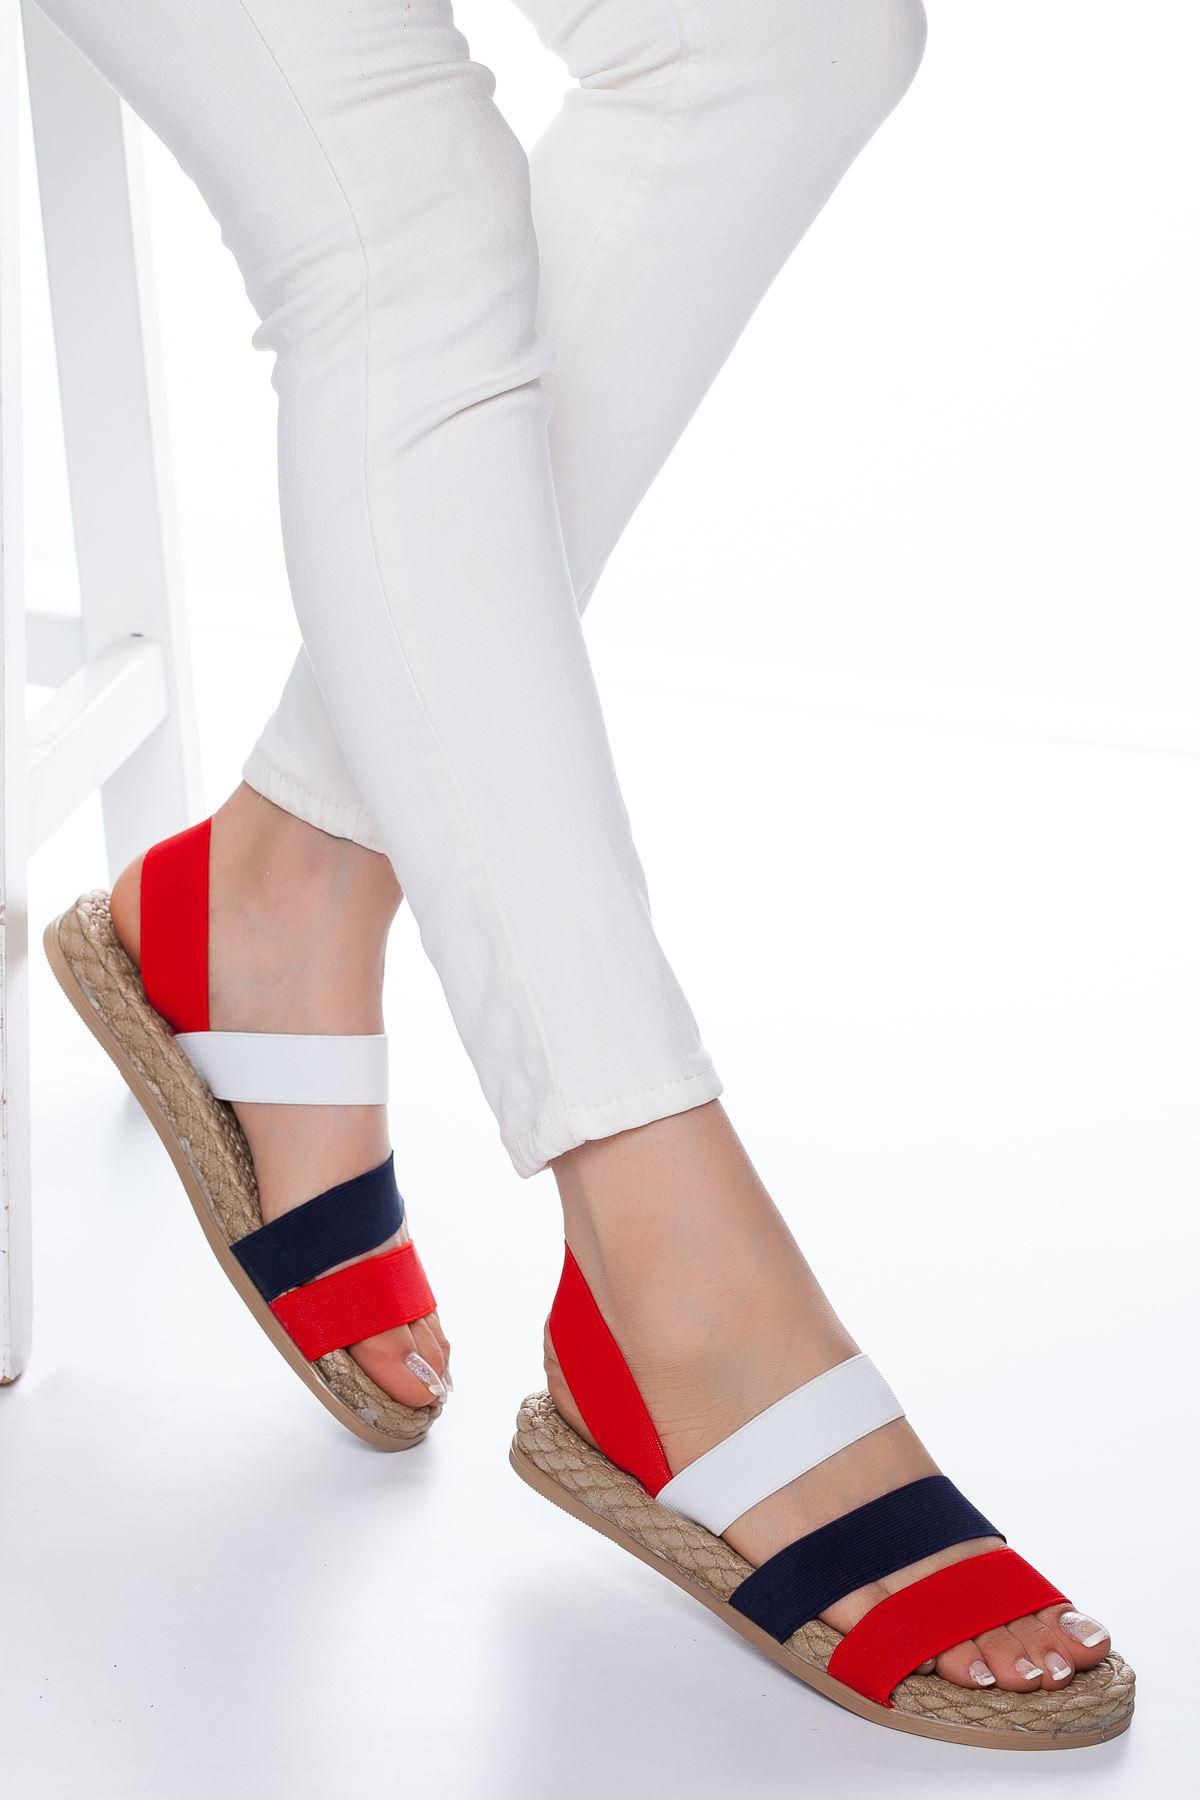 Lorena Lastikli Sandalet Kırmızı